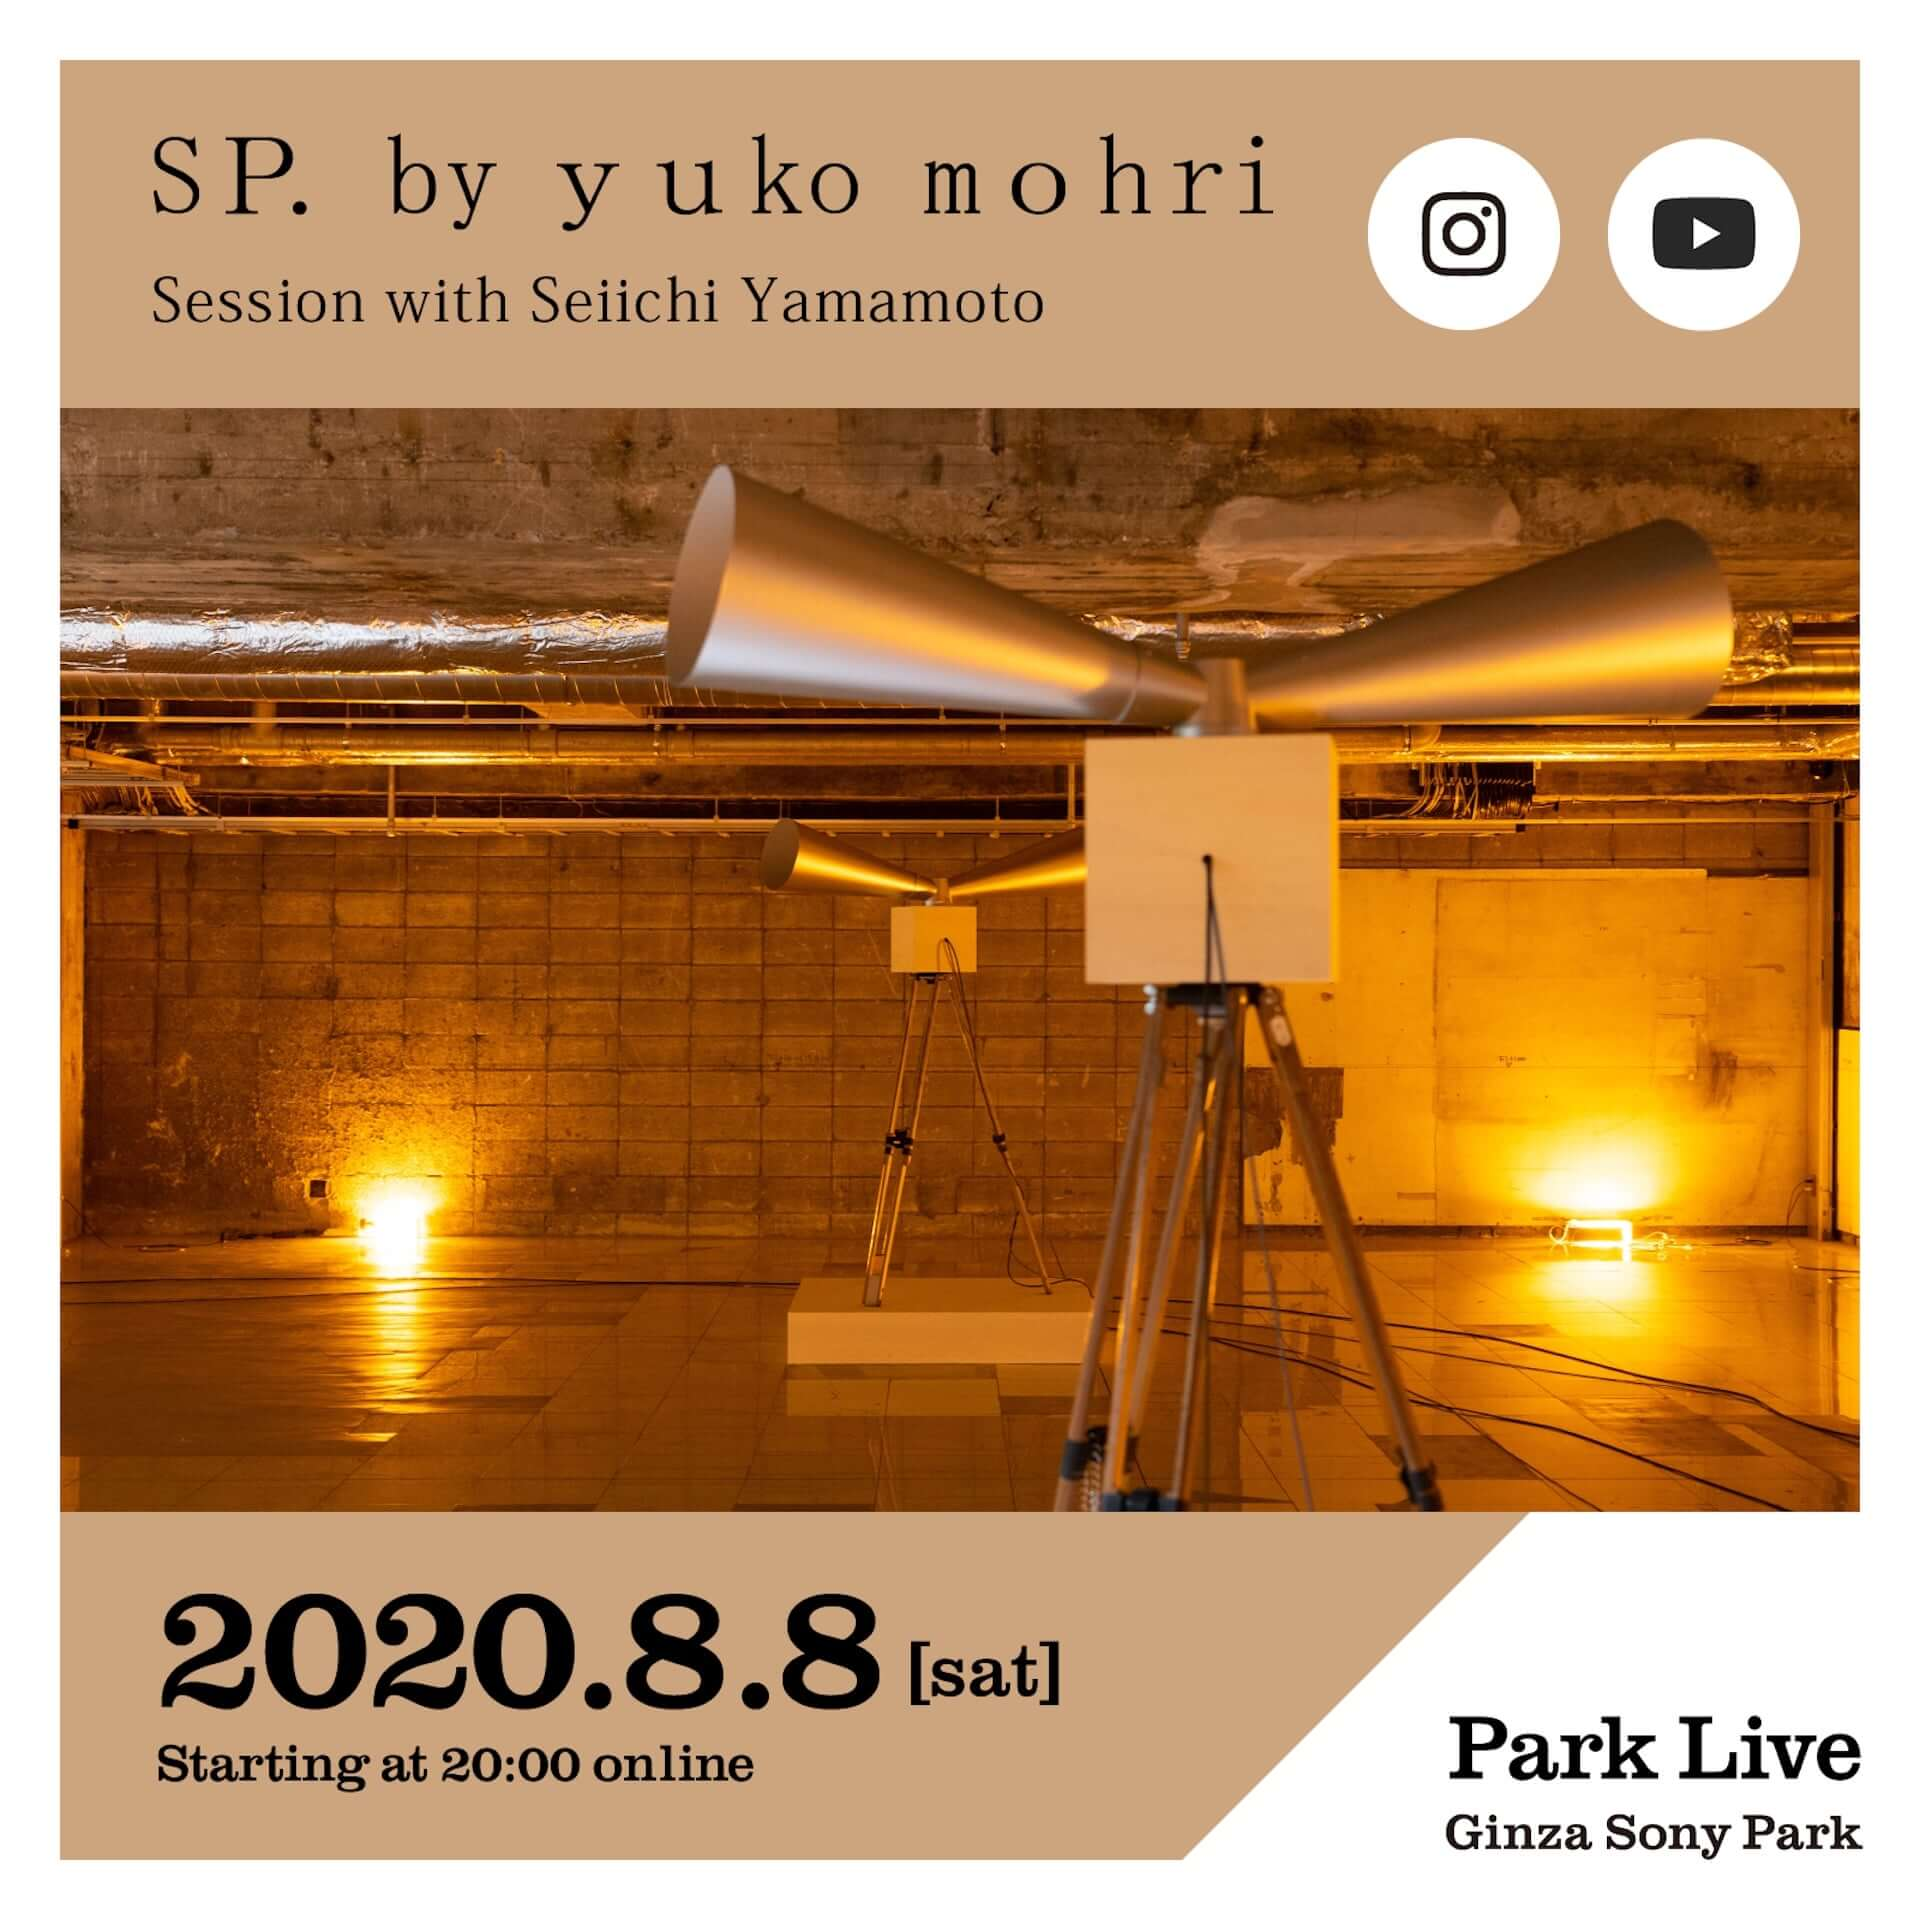 音楽家・山本精一と現代美術家・毛利悠子による<Park Live>が配信決定!音響彫刻とのコラボインスタレーションが展開 music200804_parklive_3-1920x1920